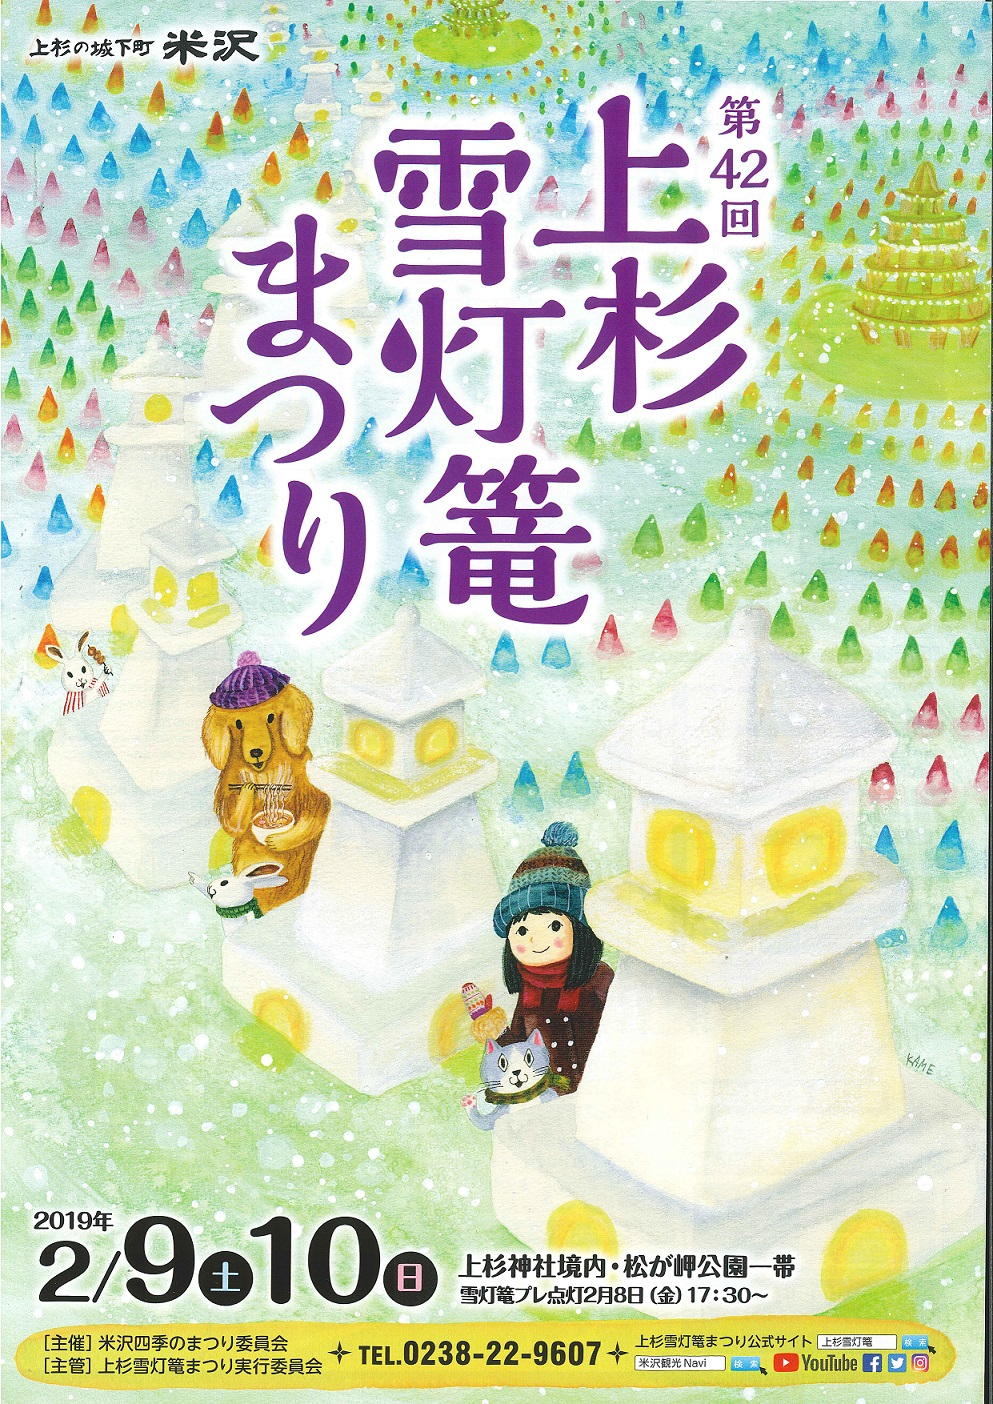 第42回上杉雪灯篭まつりH31.2月9、10日開催!:画像